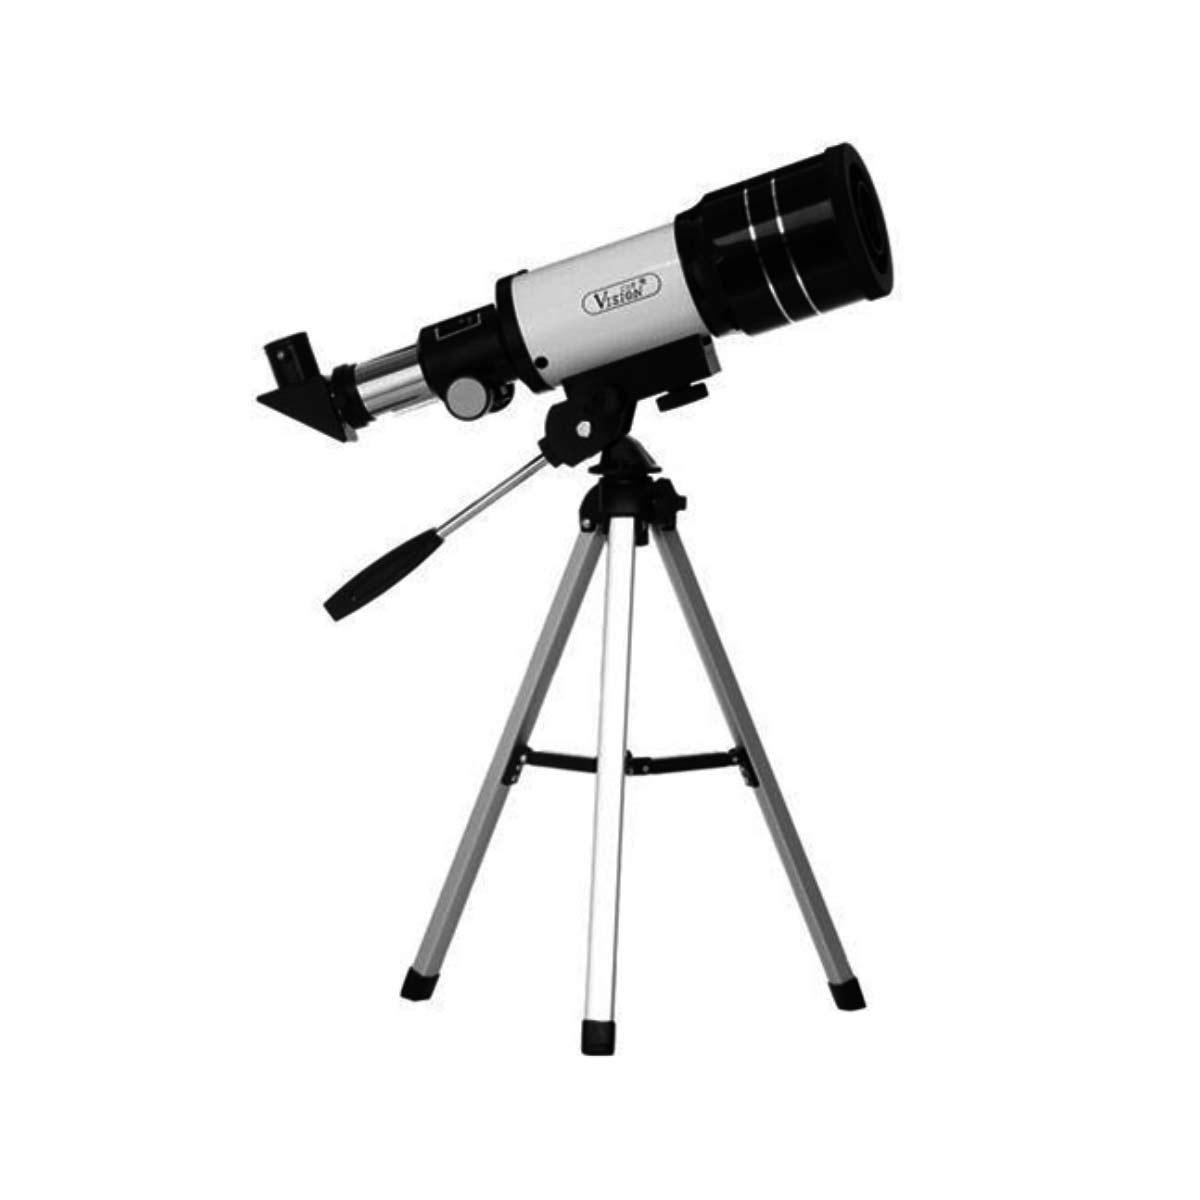 F30070M - Telesc�pio 70mm c/ Trip� F300 70M - CSR